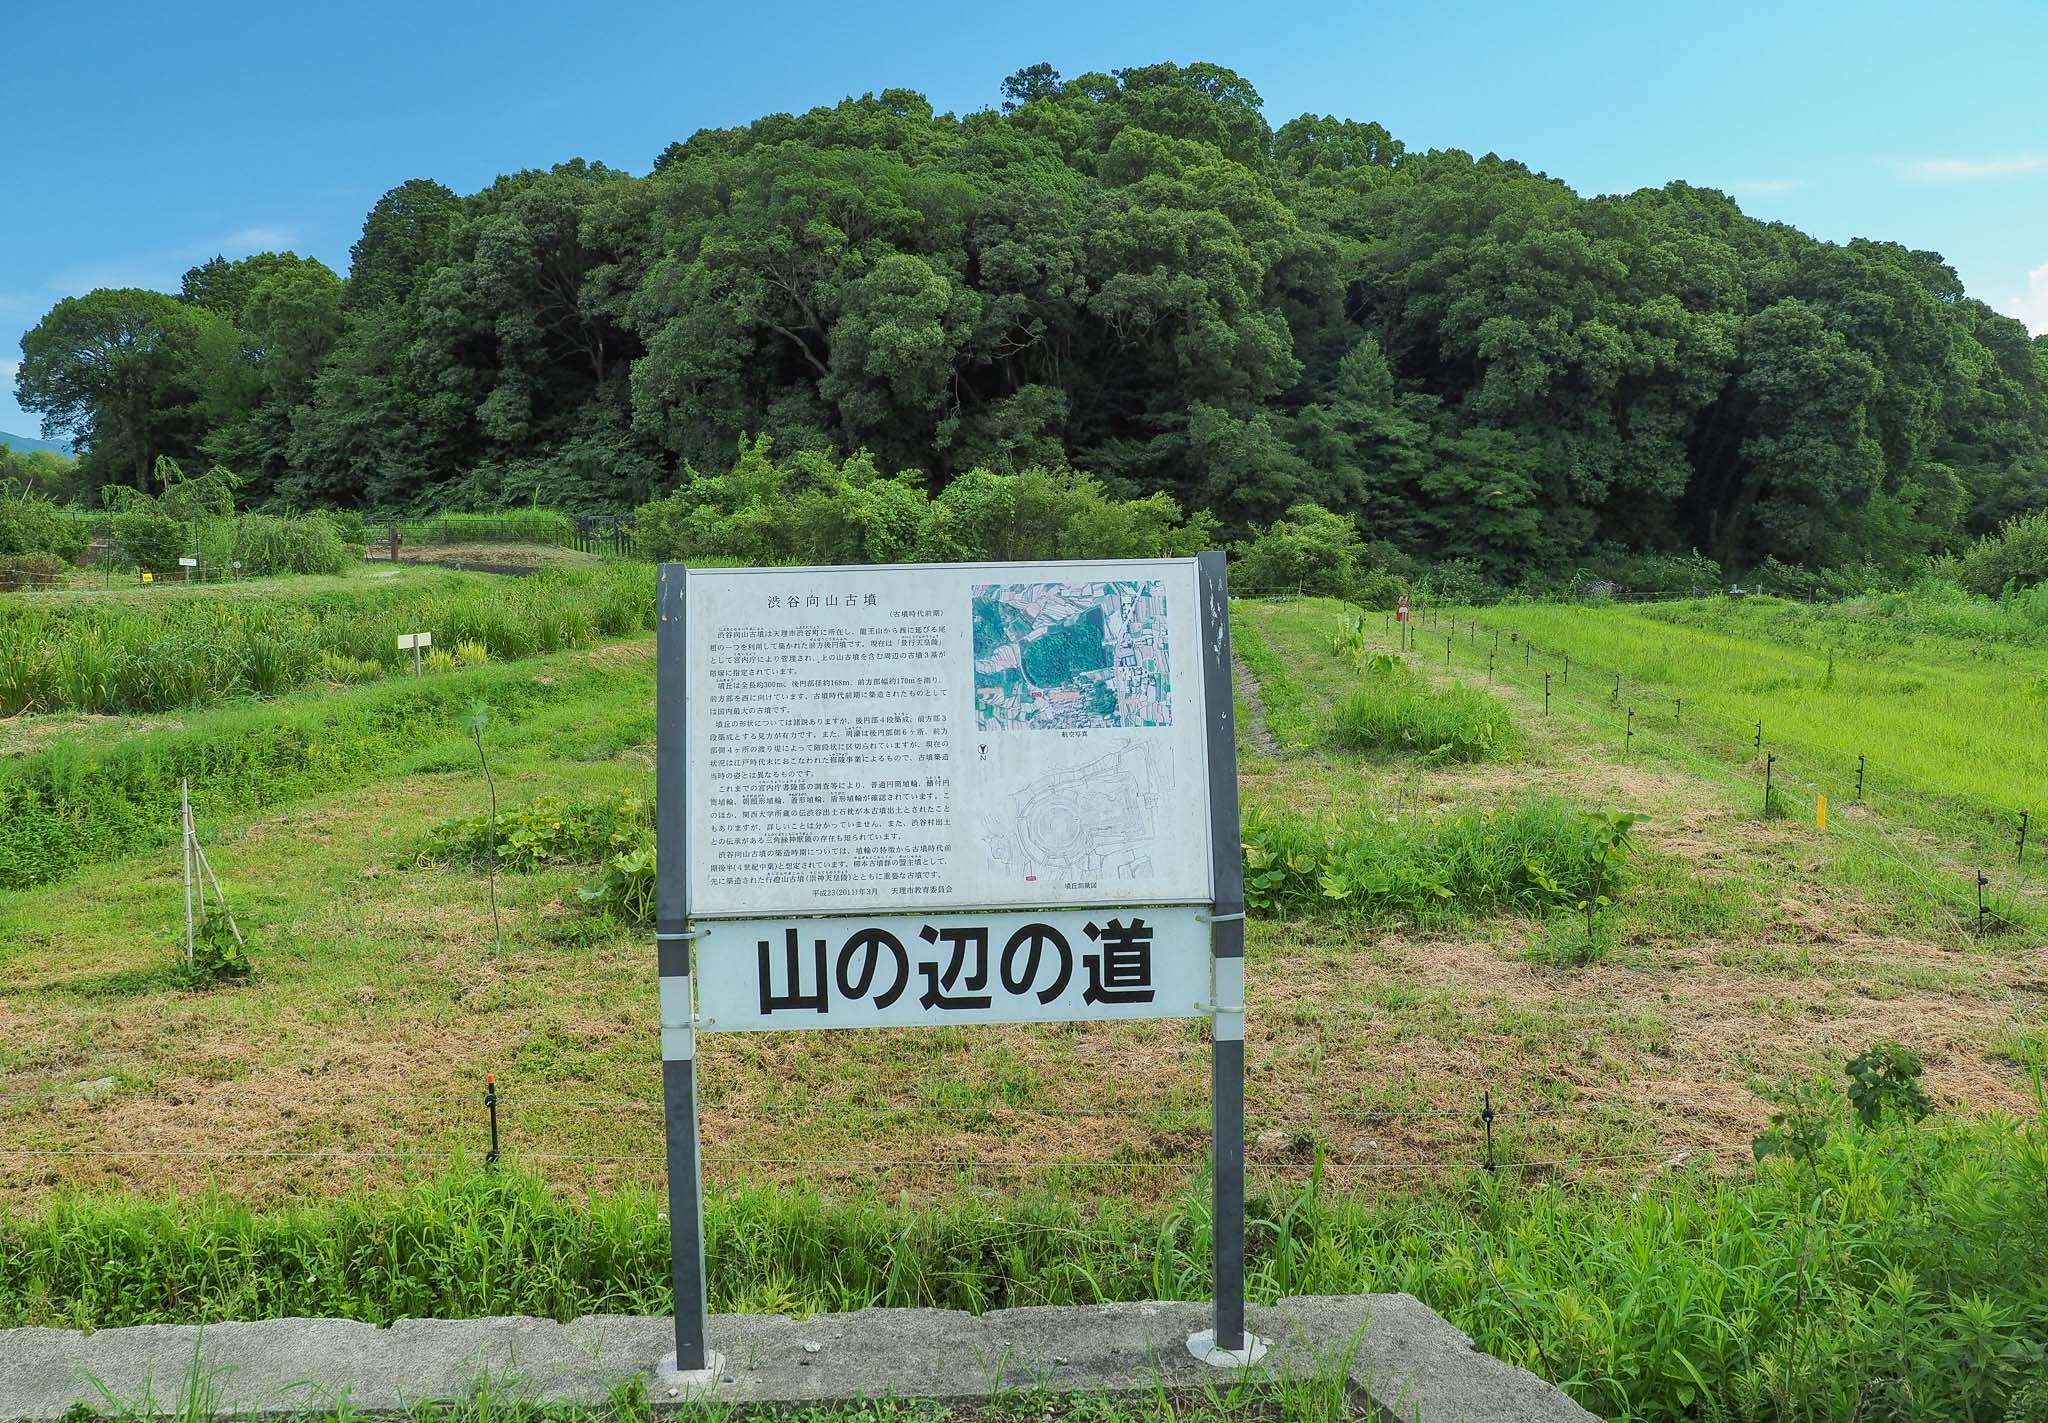 奈良県 渋谷向山古墳 景行天皇 山邊道上陵